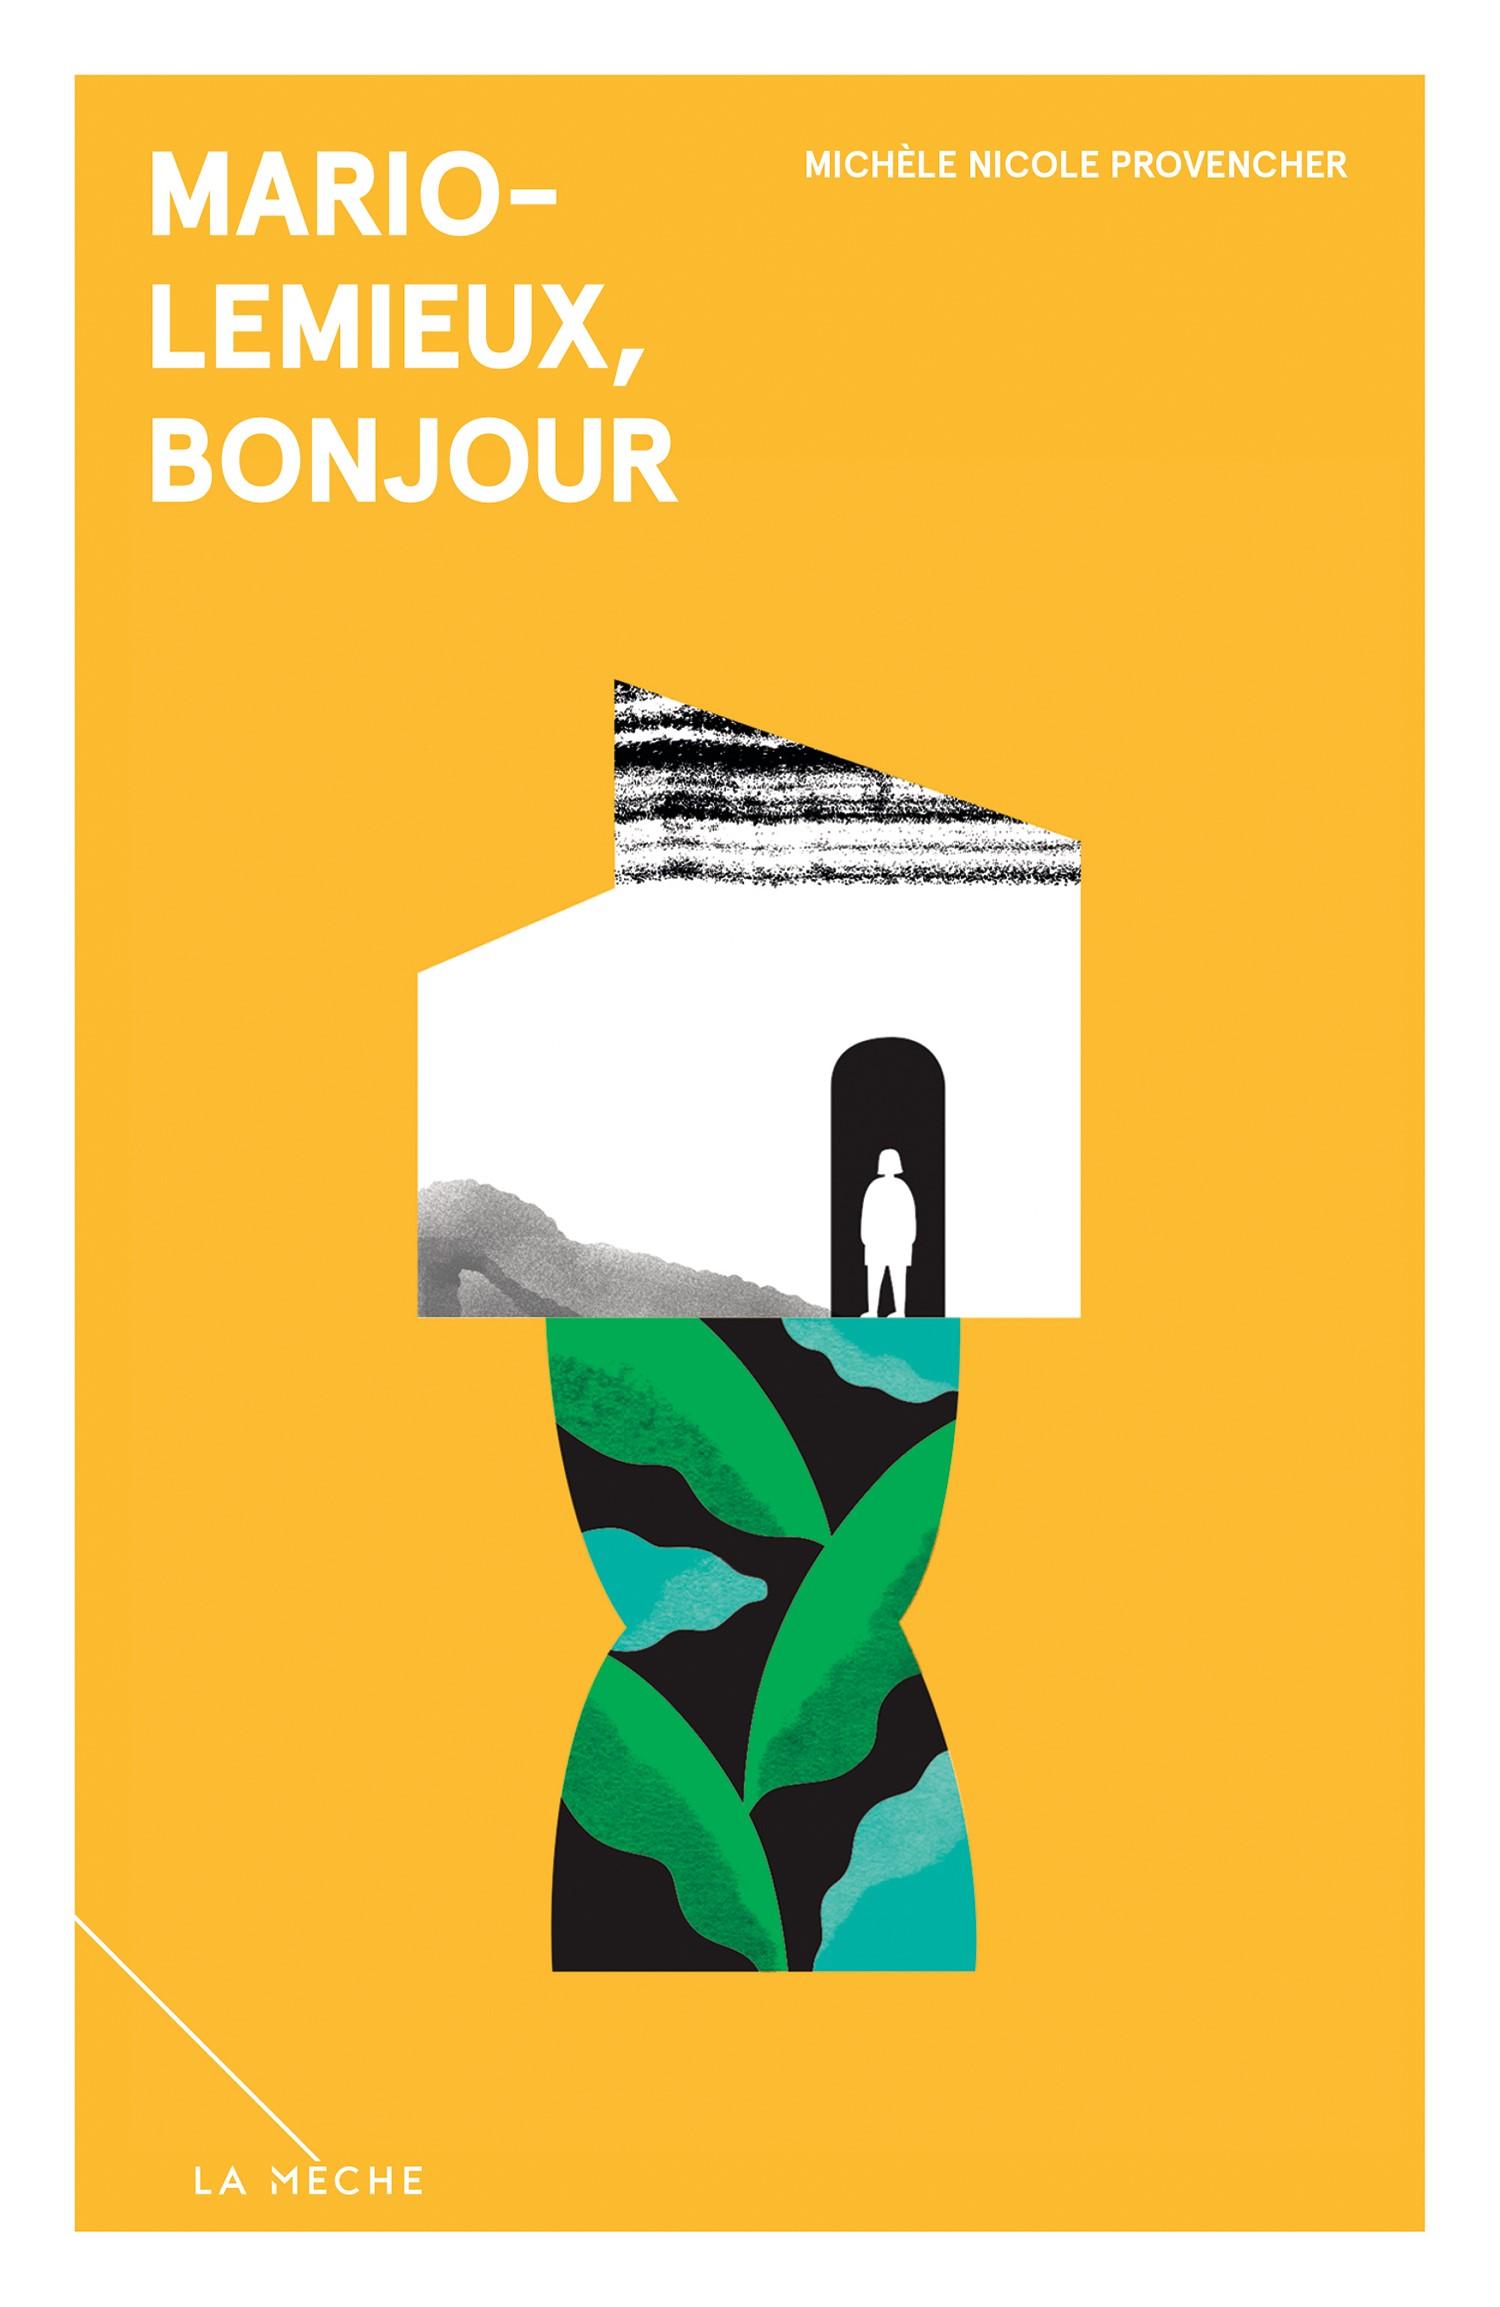 mario-lemieux-bonjour-michèle-nicole-provencher-Bible-urbaine